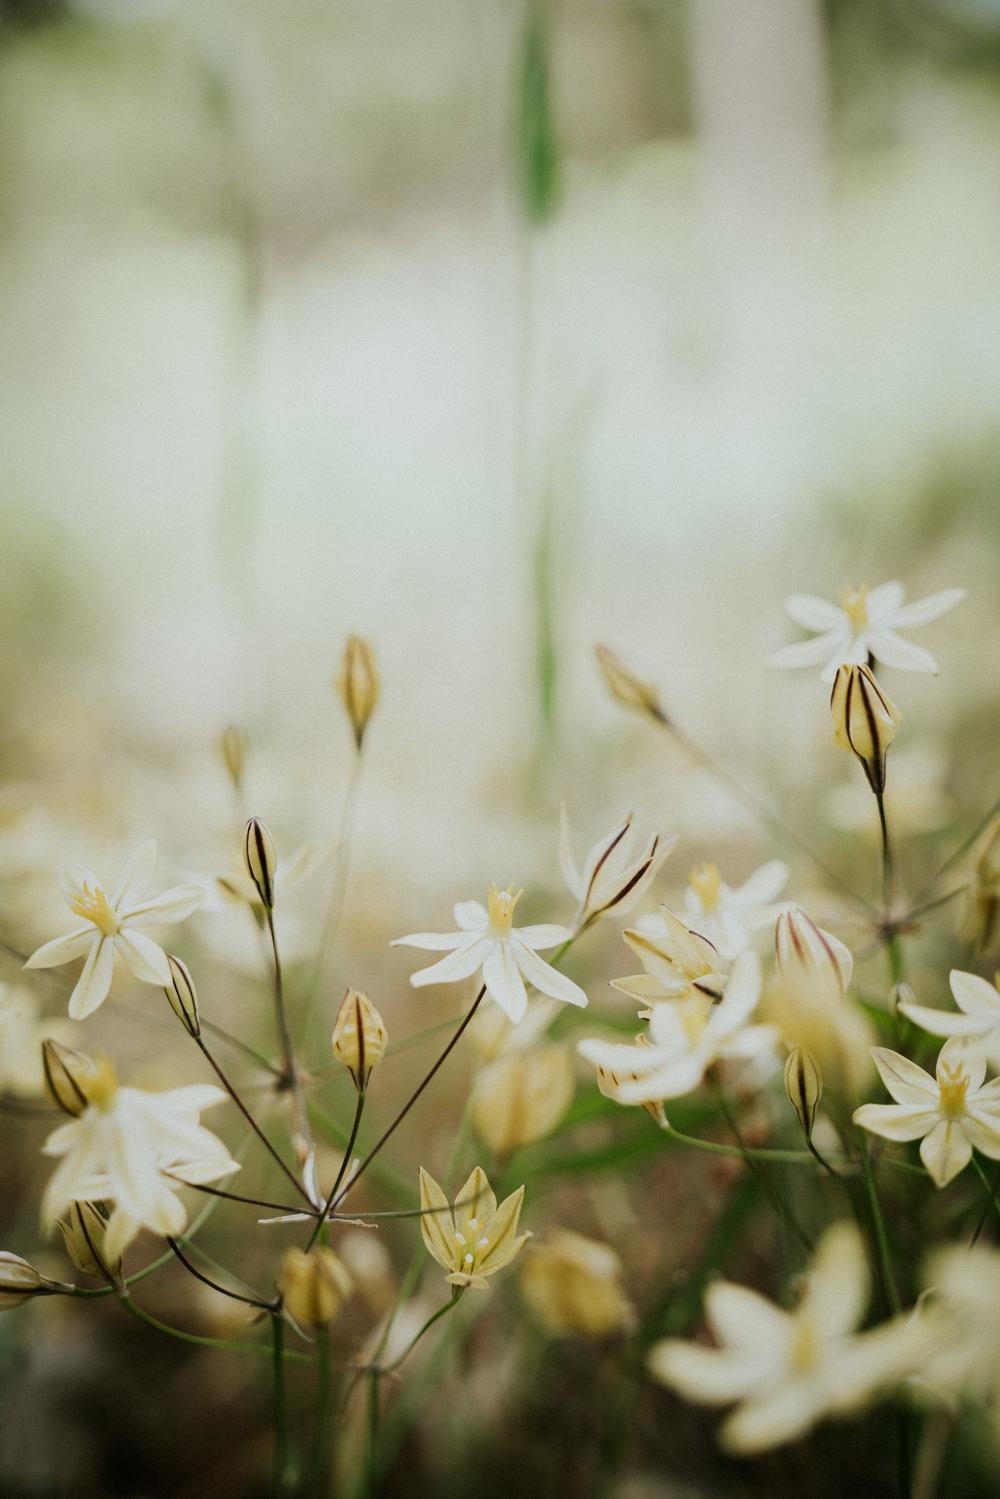 Sierra Nevada Wild Flowers  - Bessie Young Photography 00-9.jpg